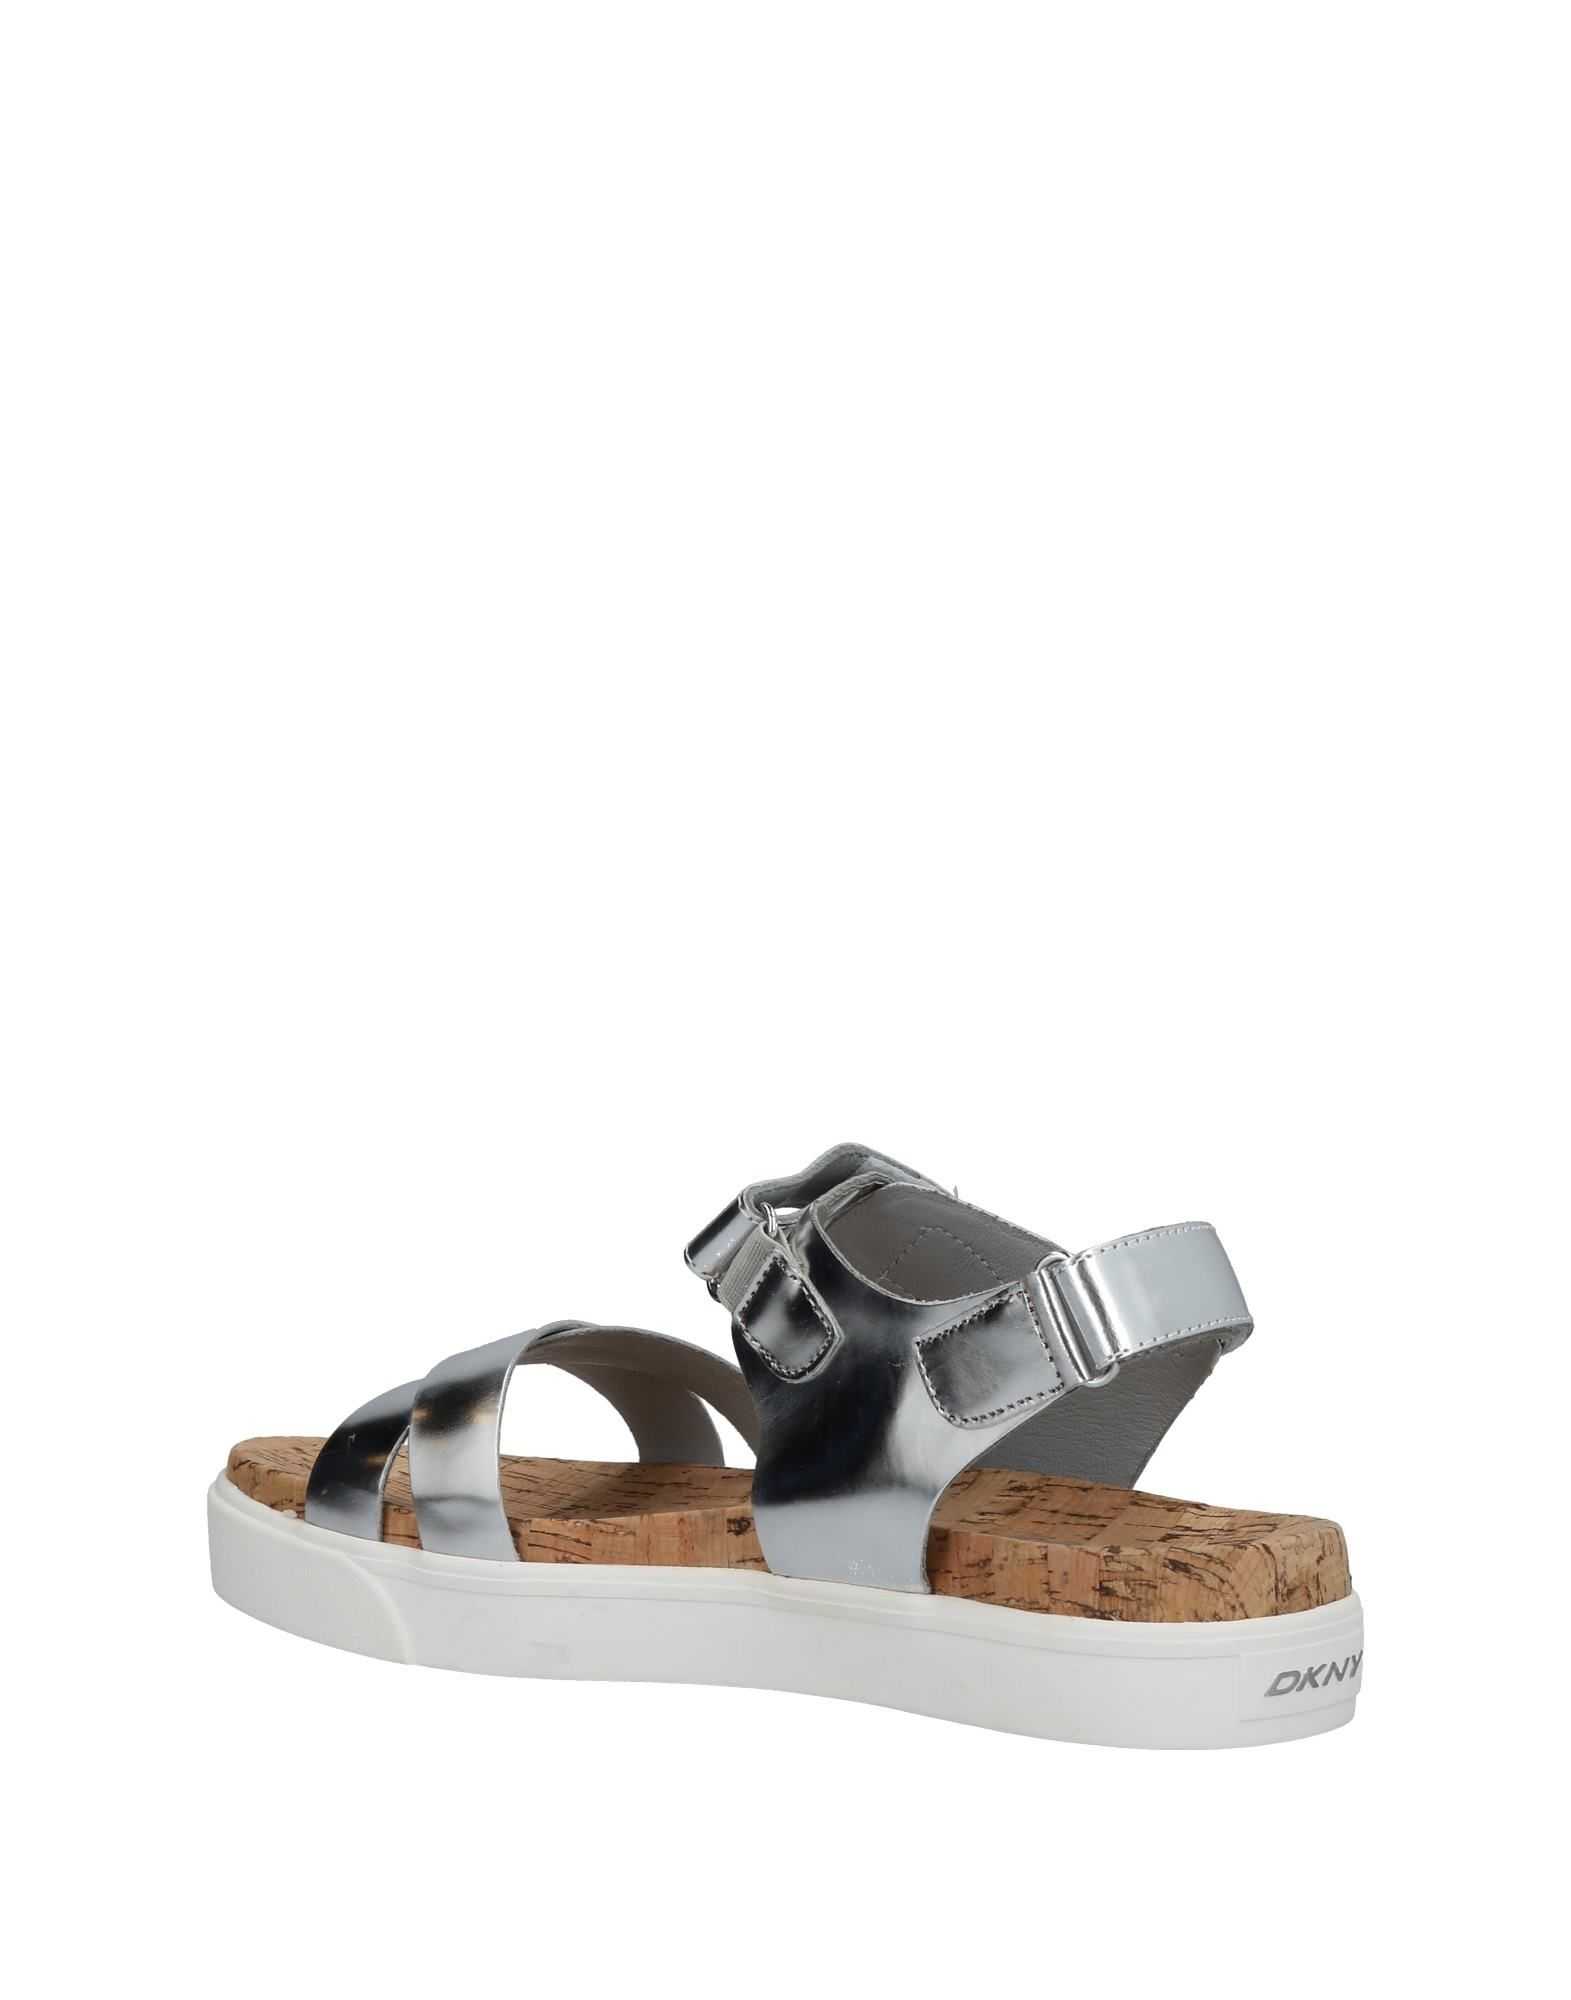 Dkny Sandalen Damen  Heiße 11441063ND Heiße  Schuhe eb0b11